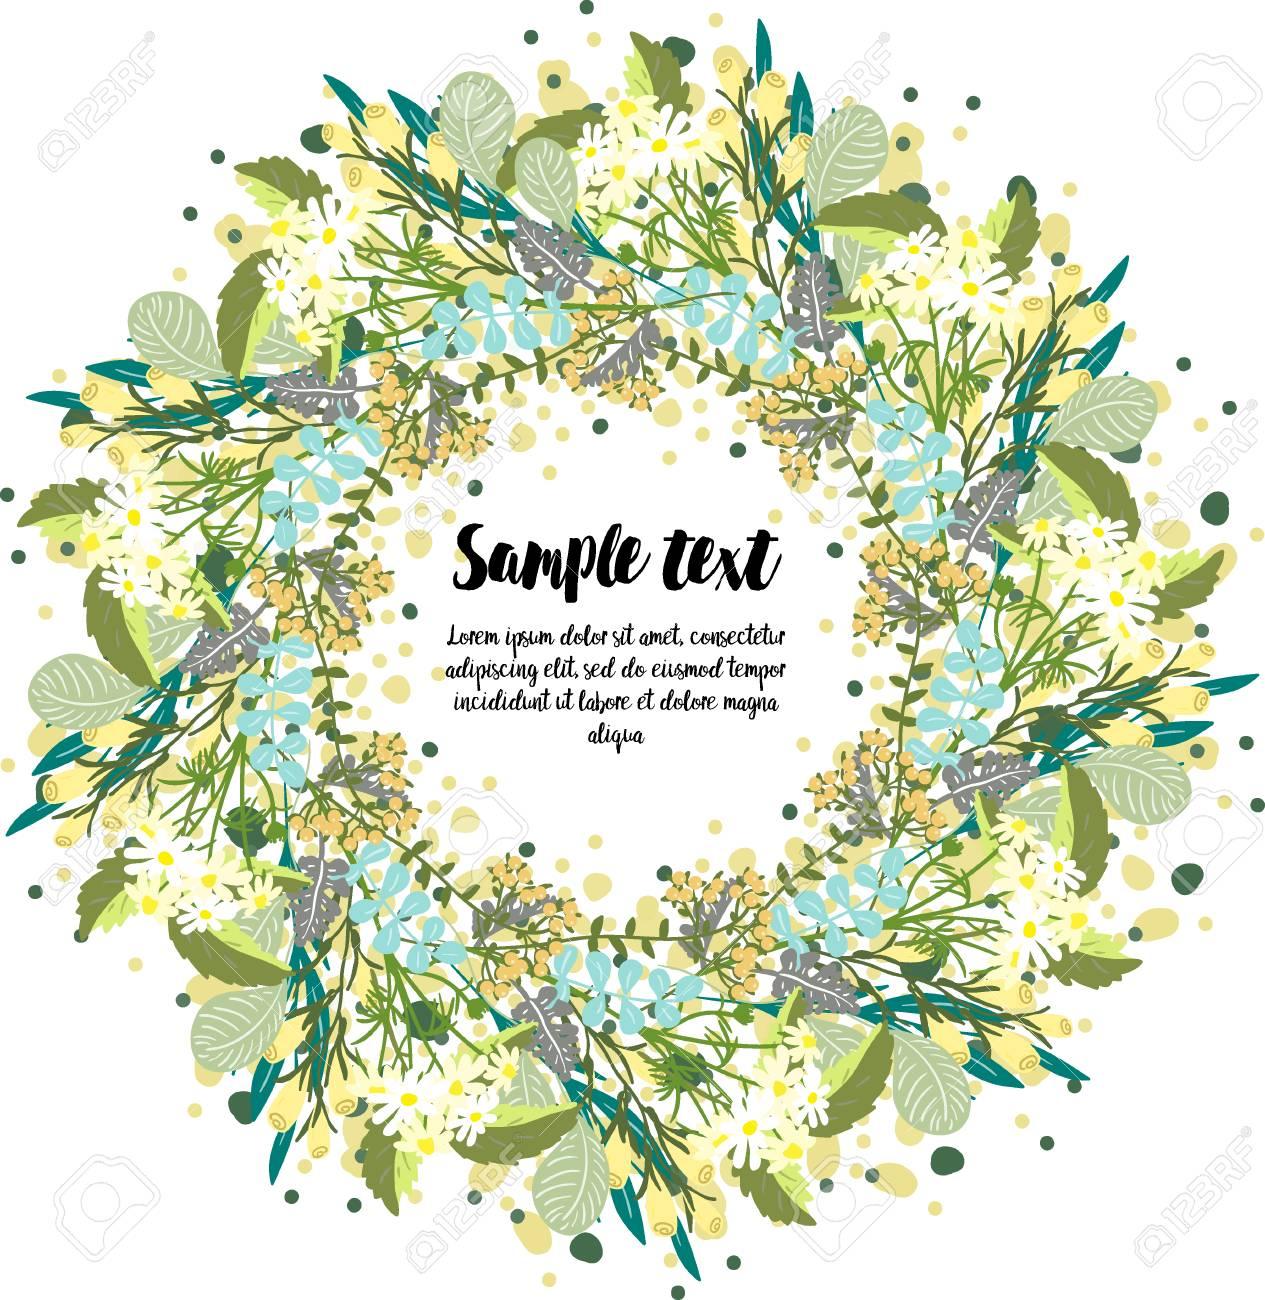 Diseño De Tarjeta De Tarjeta Con Corona De Flores Para La Tarjeta De Invitación Pegatinas Saludo Diseño Para Feliz Día De Acción De Gracias Feliz